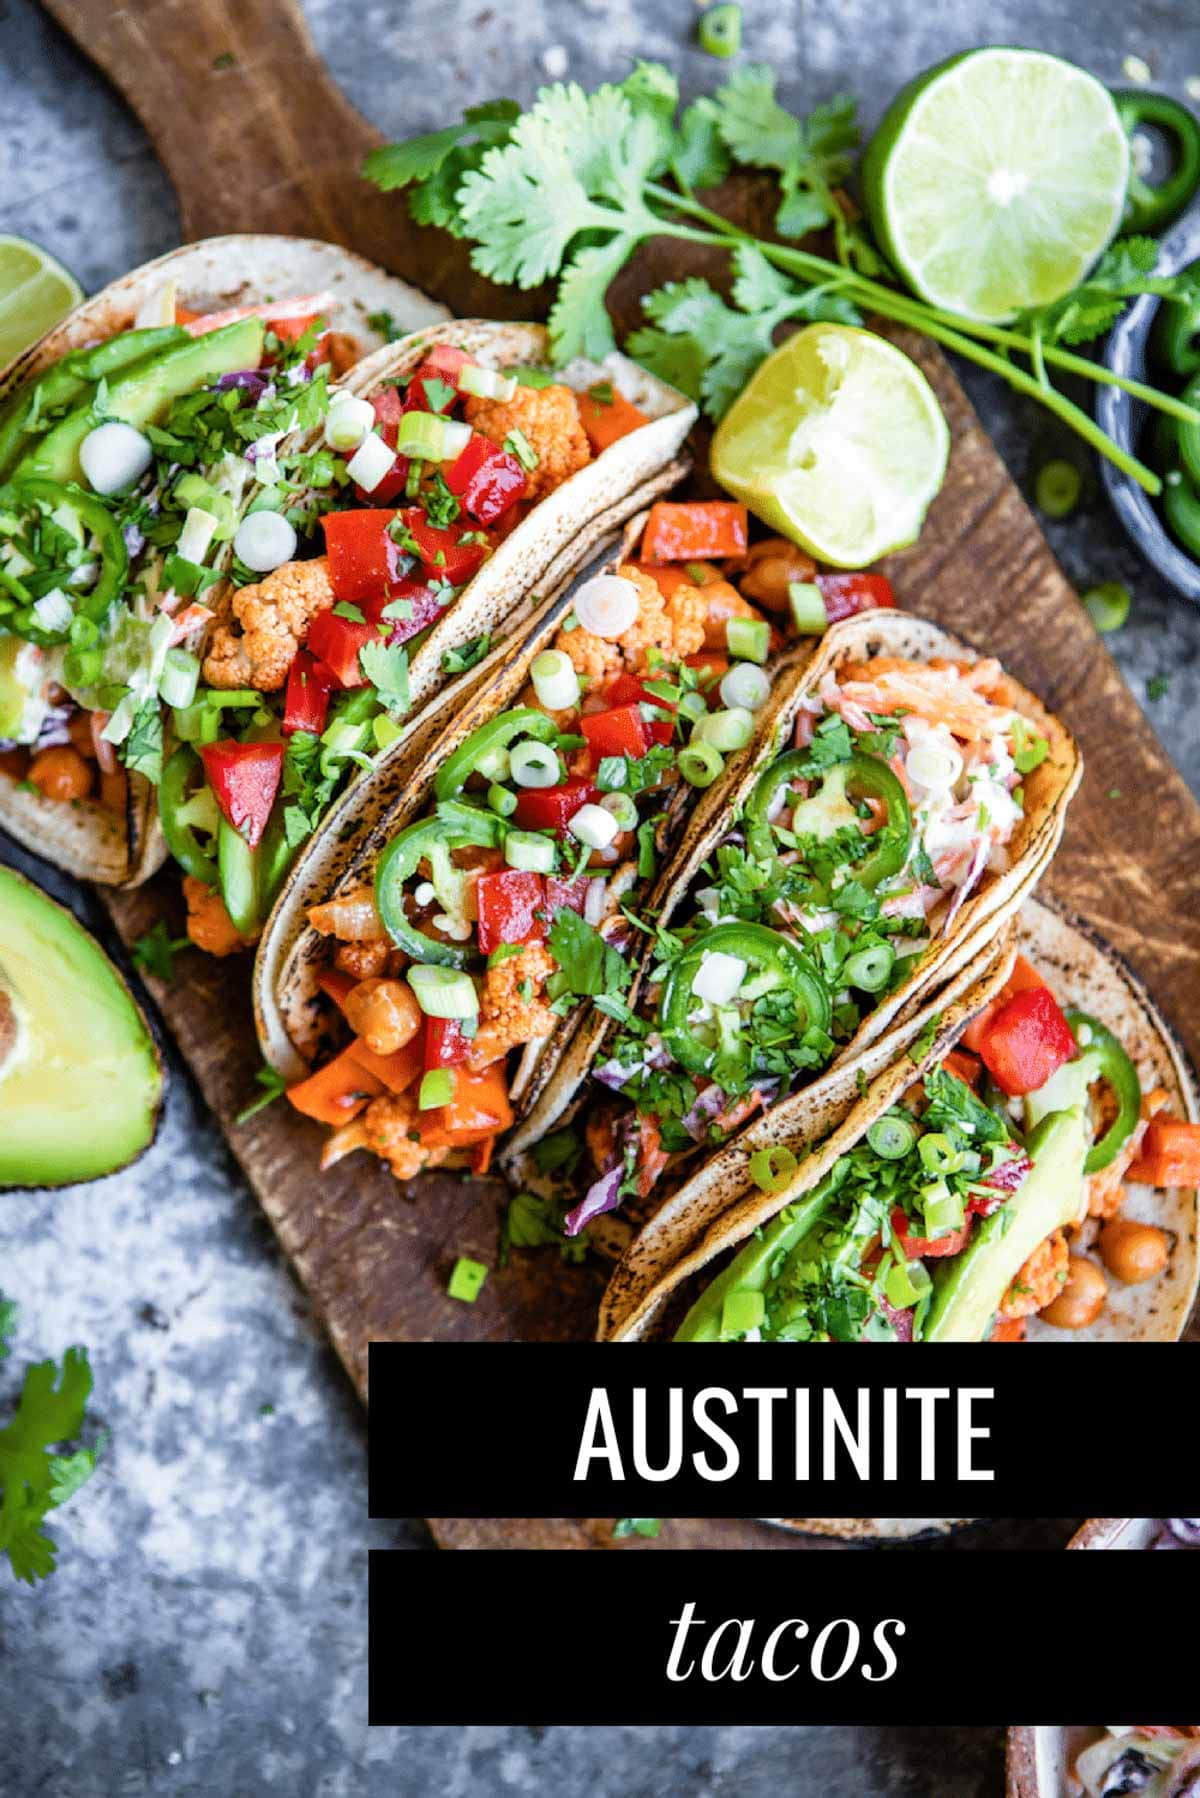 Delicious vegan taco recipe